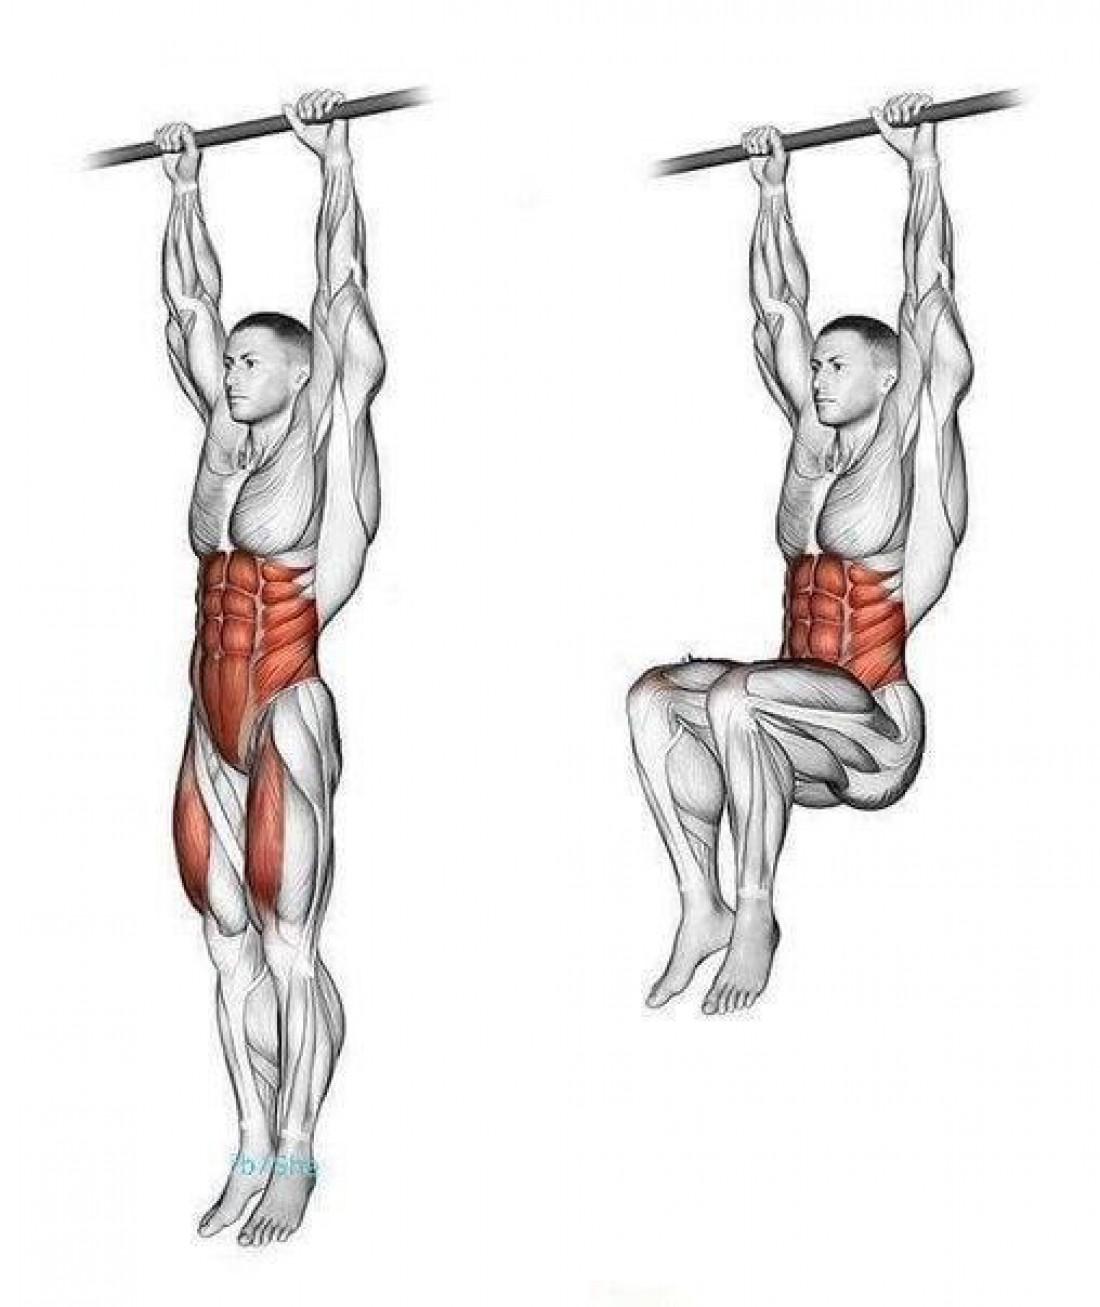 инструкция в картинках как накачать все тело